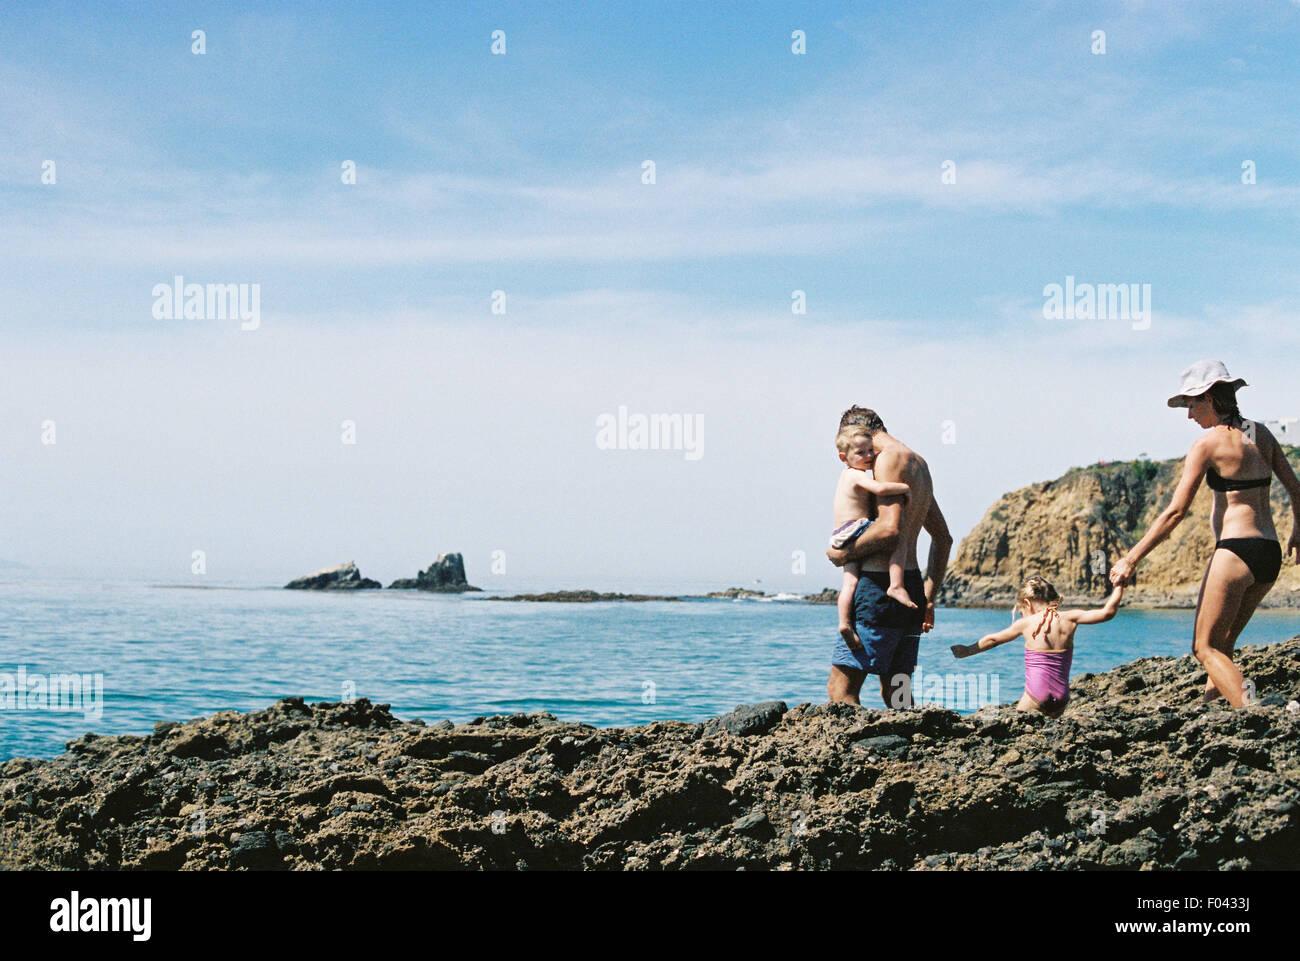 Una familia de vacaciones, dos adultos con su hijo e hija caminando a través de rocas por el océano. Imagen De Stock